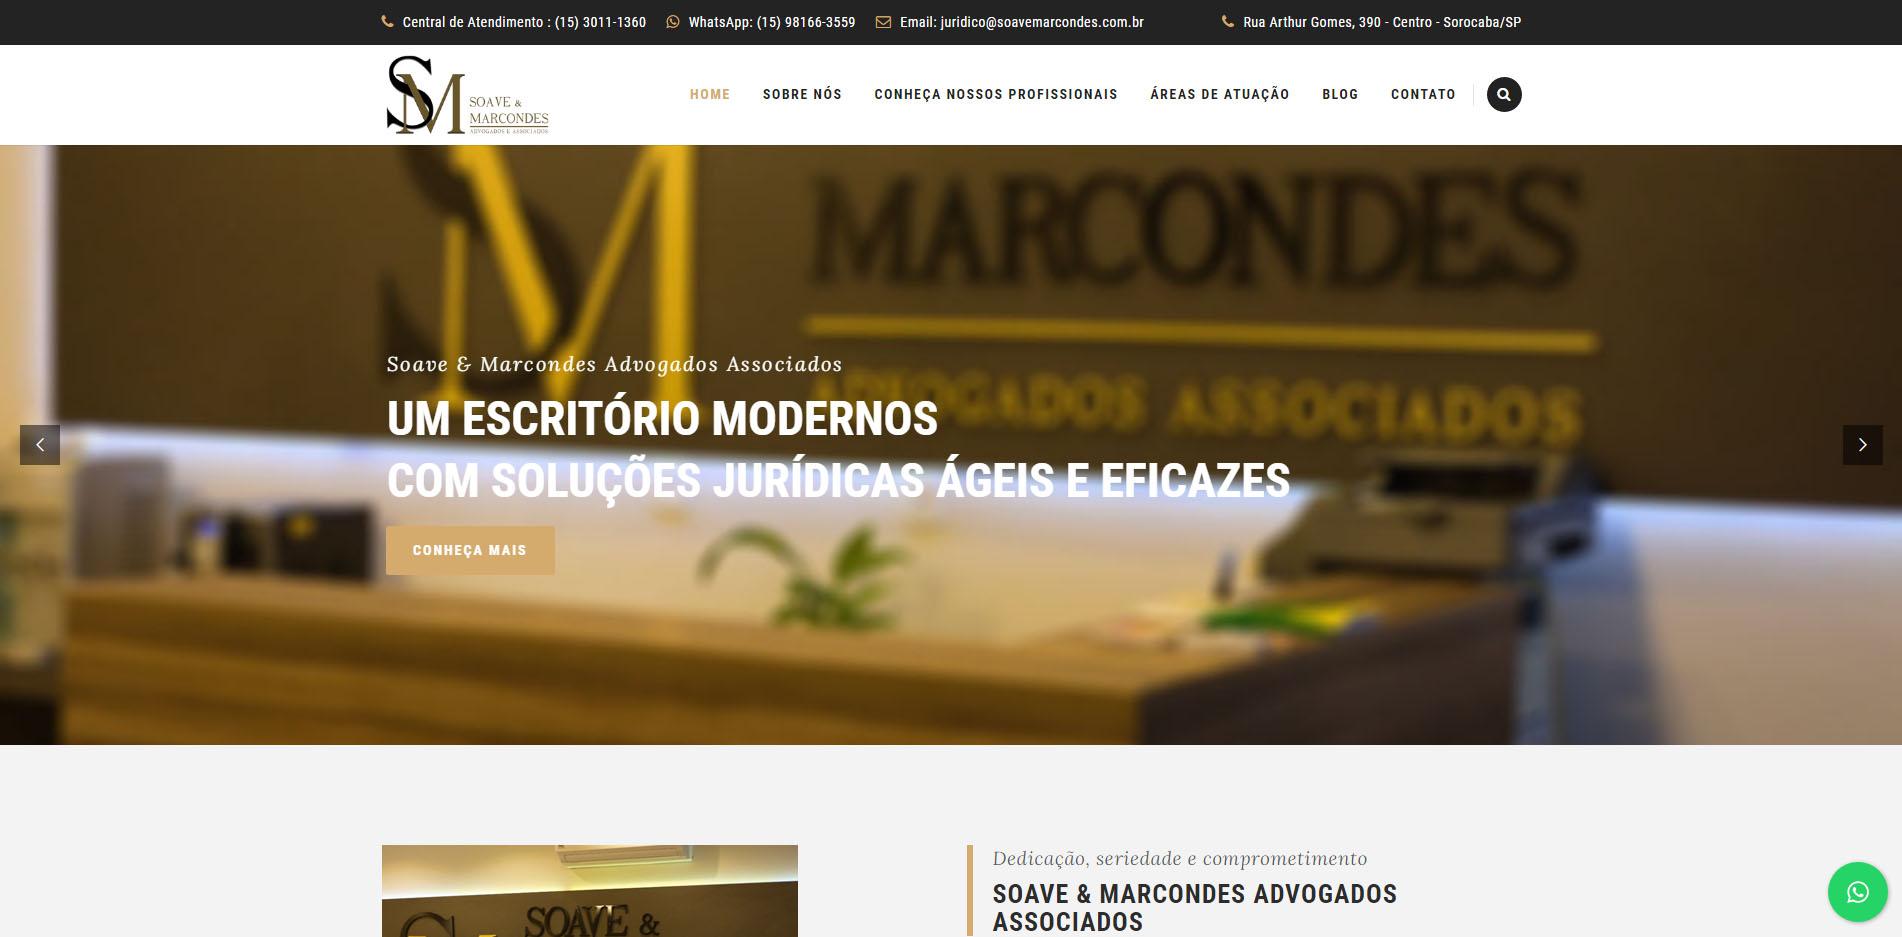 Soave & Marcondes Advogados